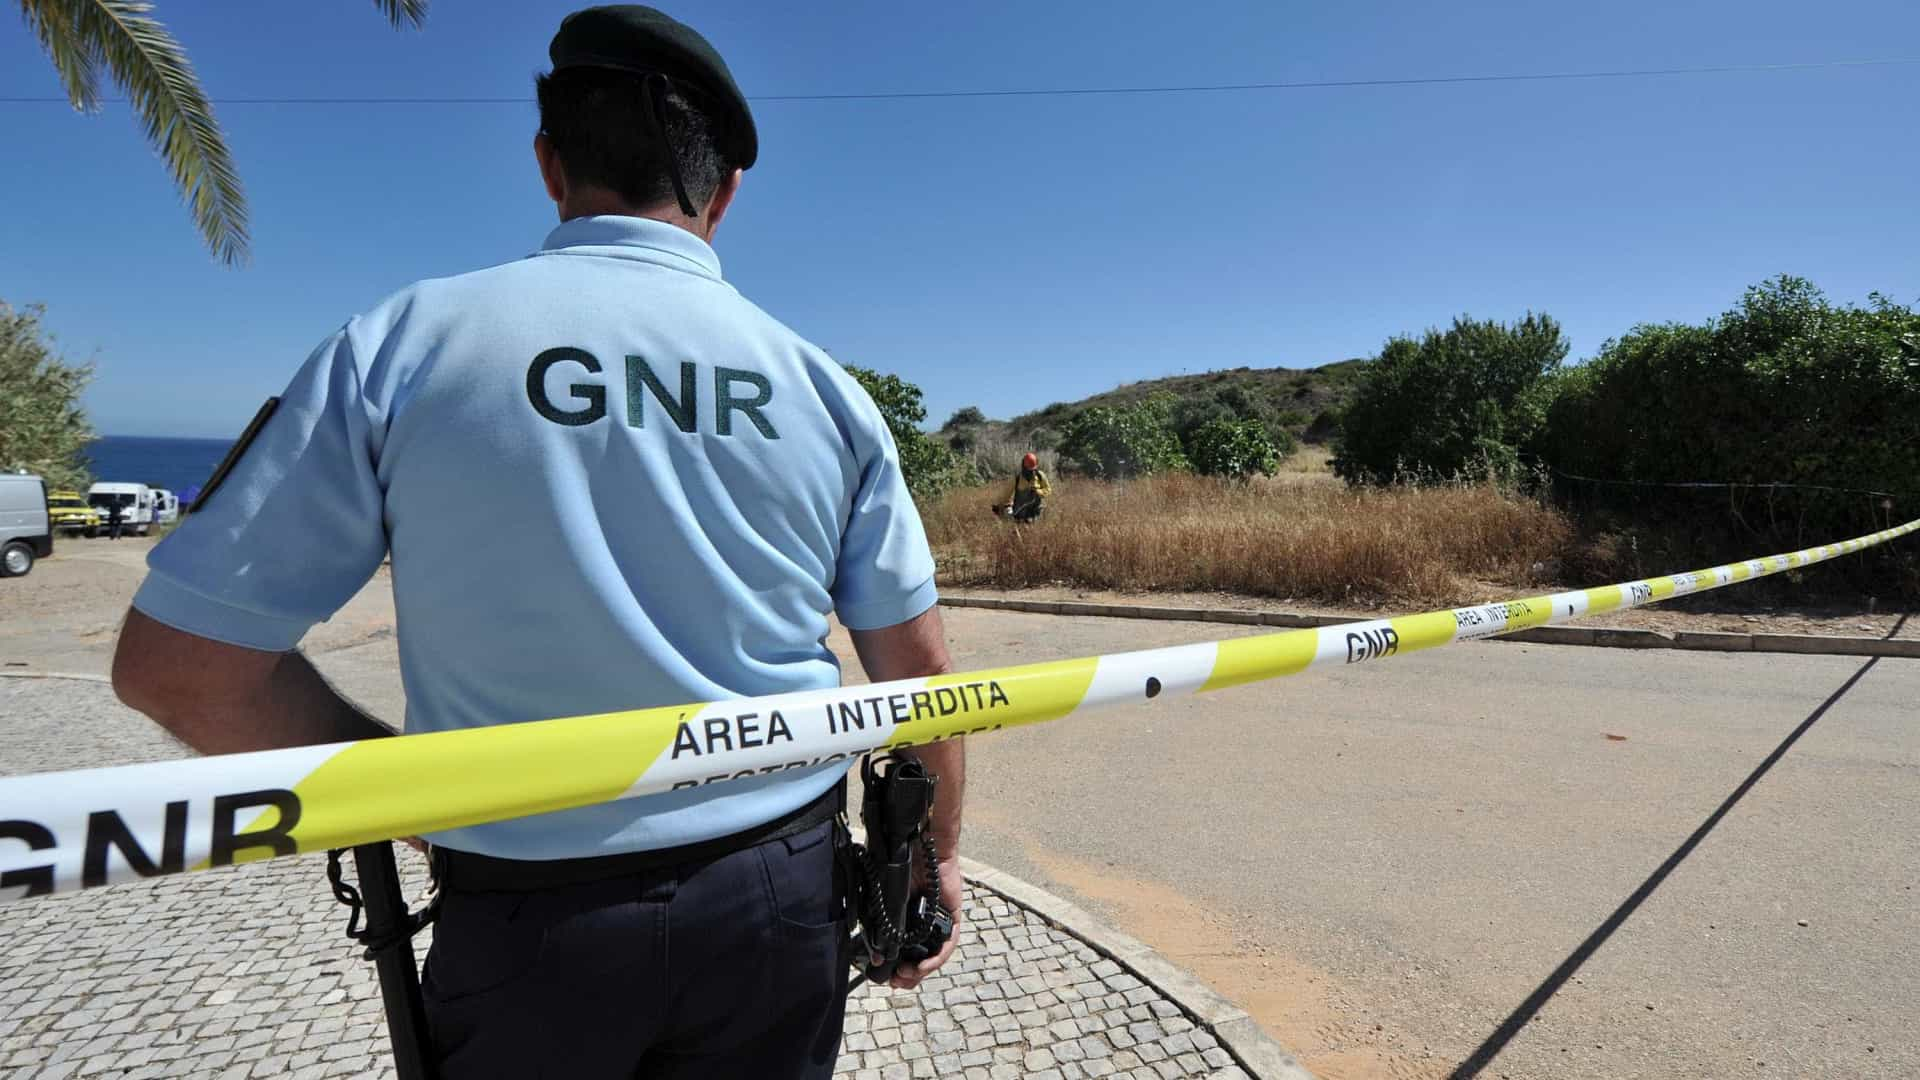 Dois GNR intoxicados após perseguição a suspeitos de assalto a multibanco